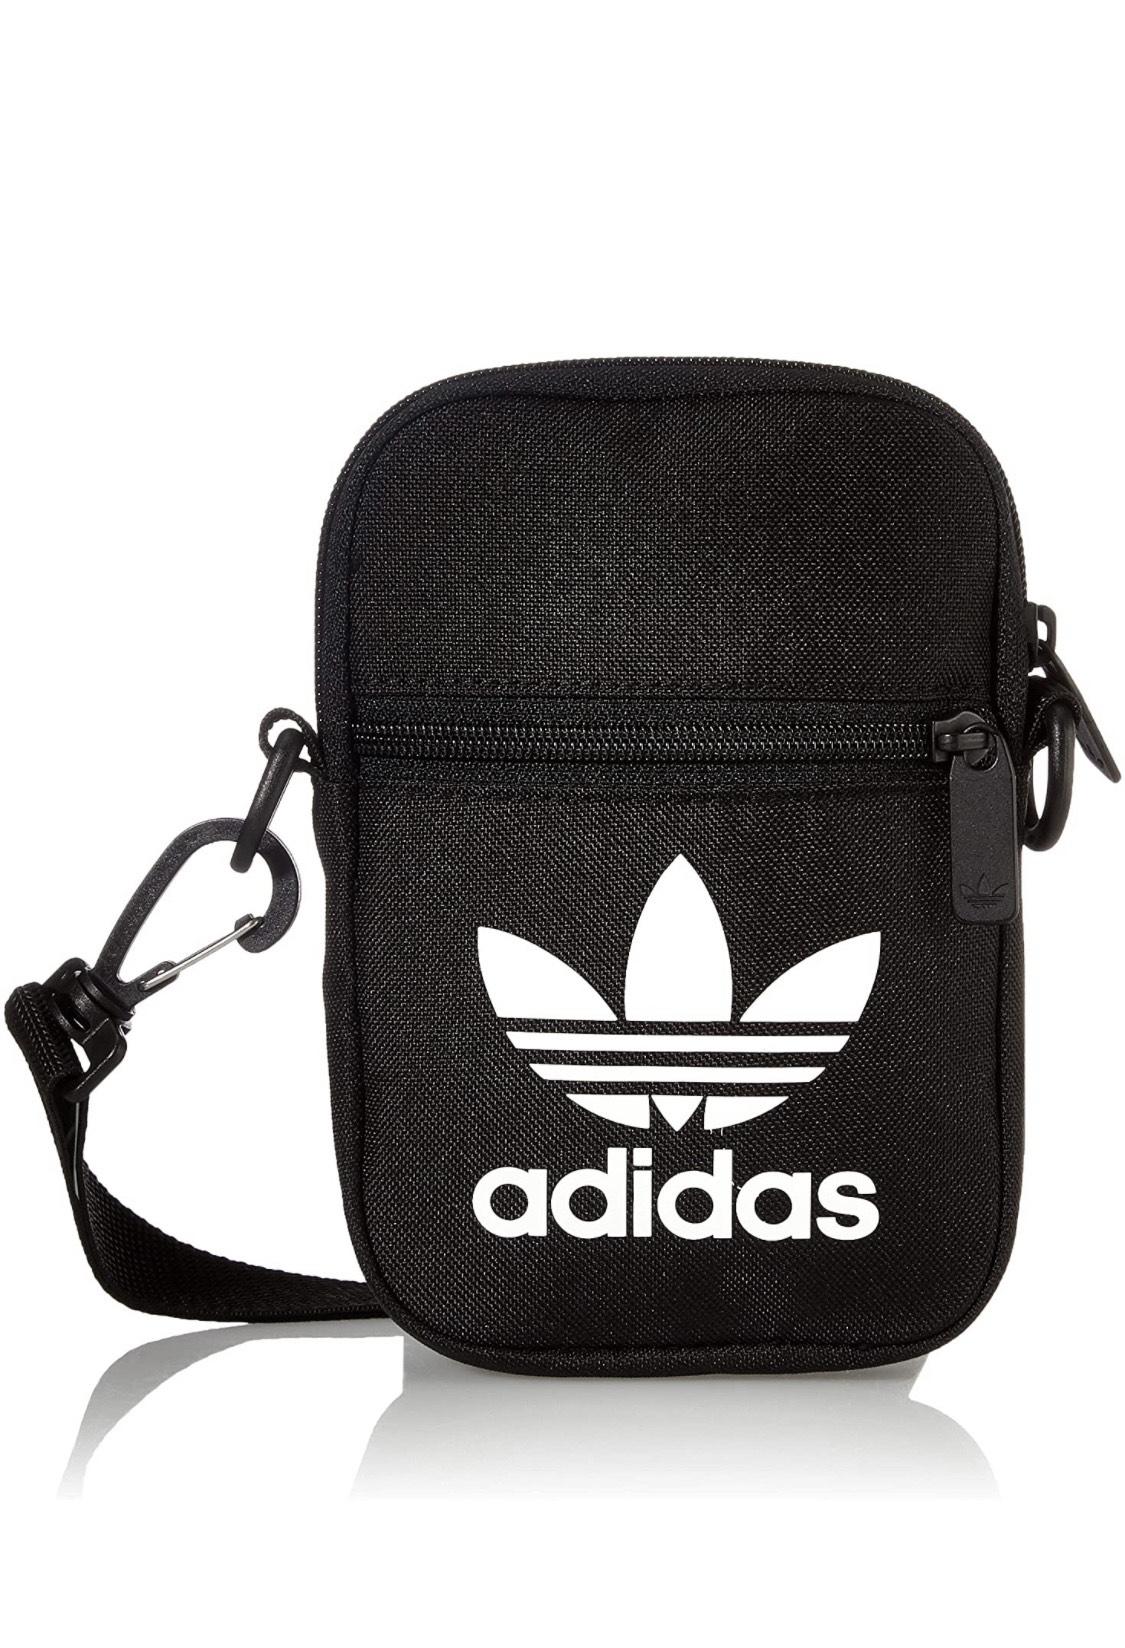 [Prime] Adidas Fest Bag Umhängetasche